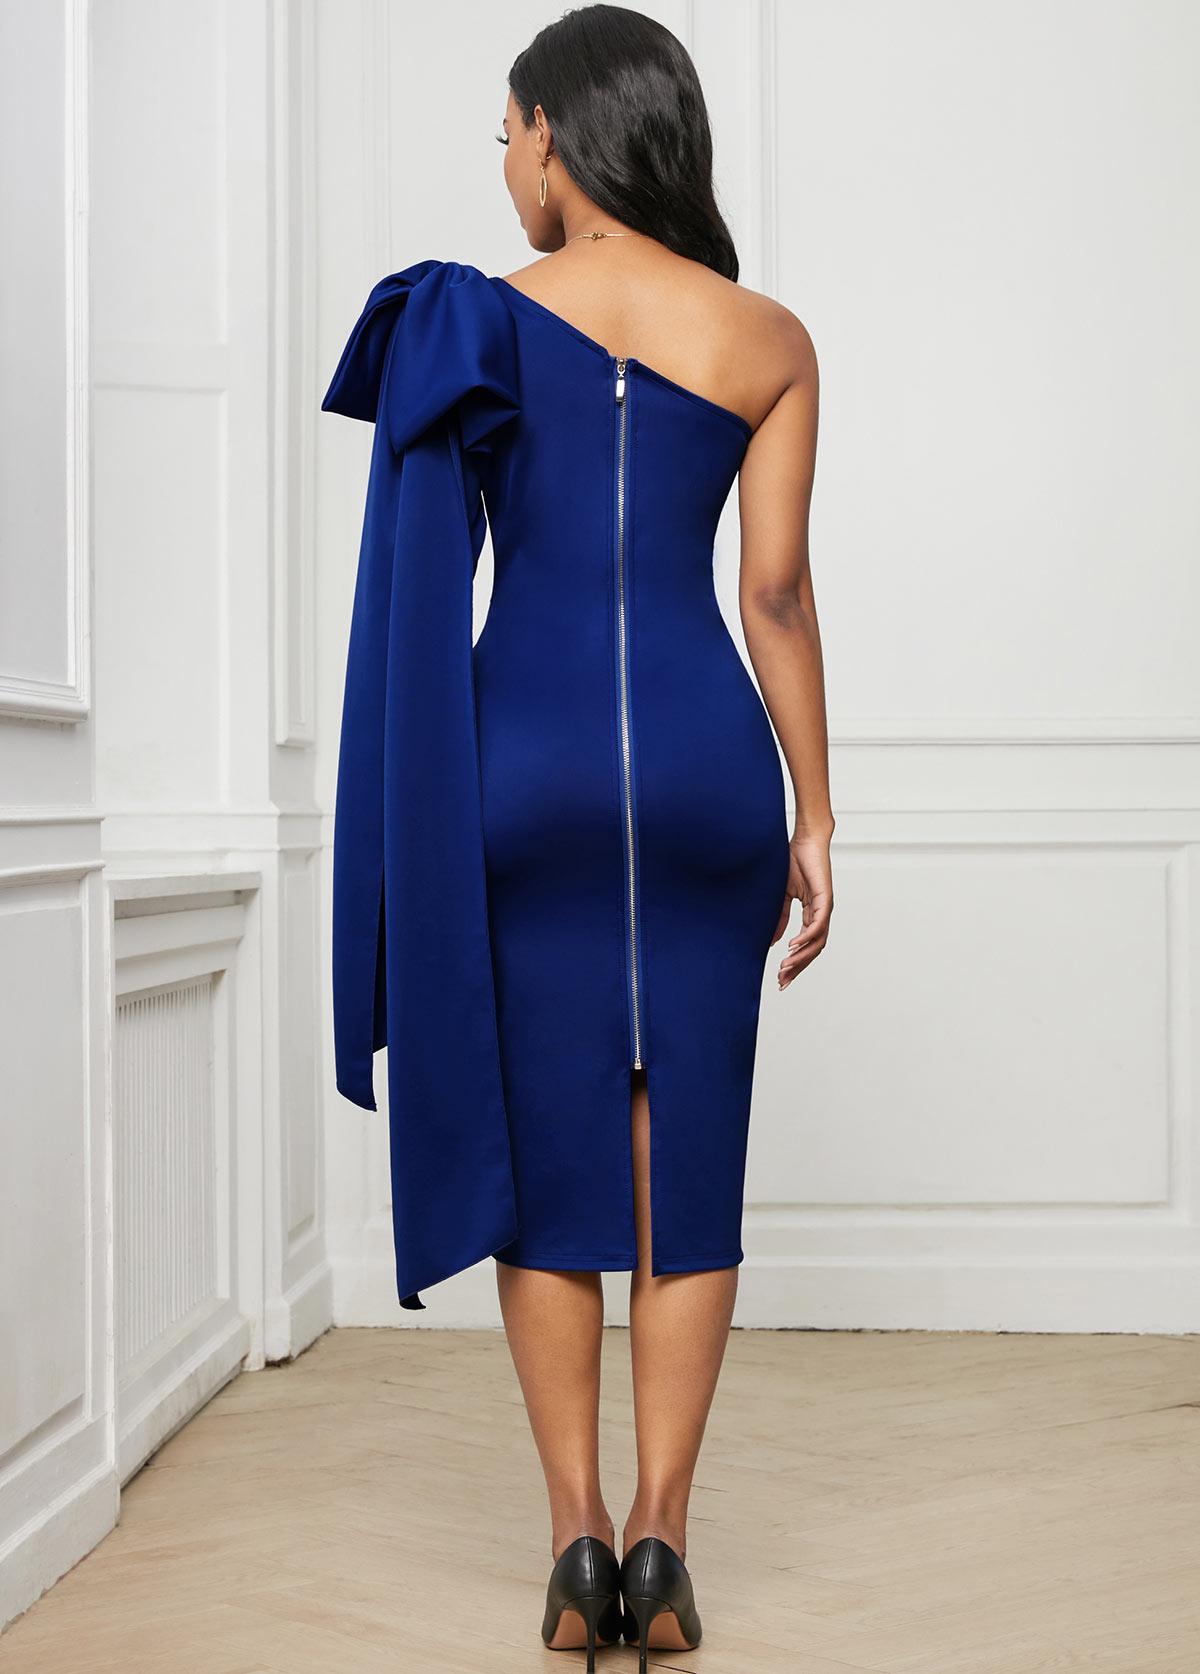 Bowknot One Shoulder Skew Neck Dress